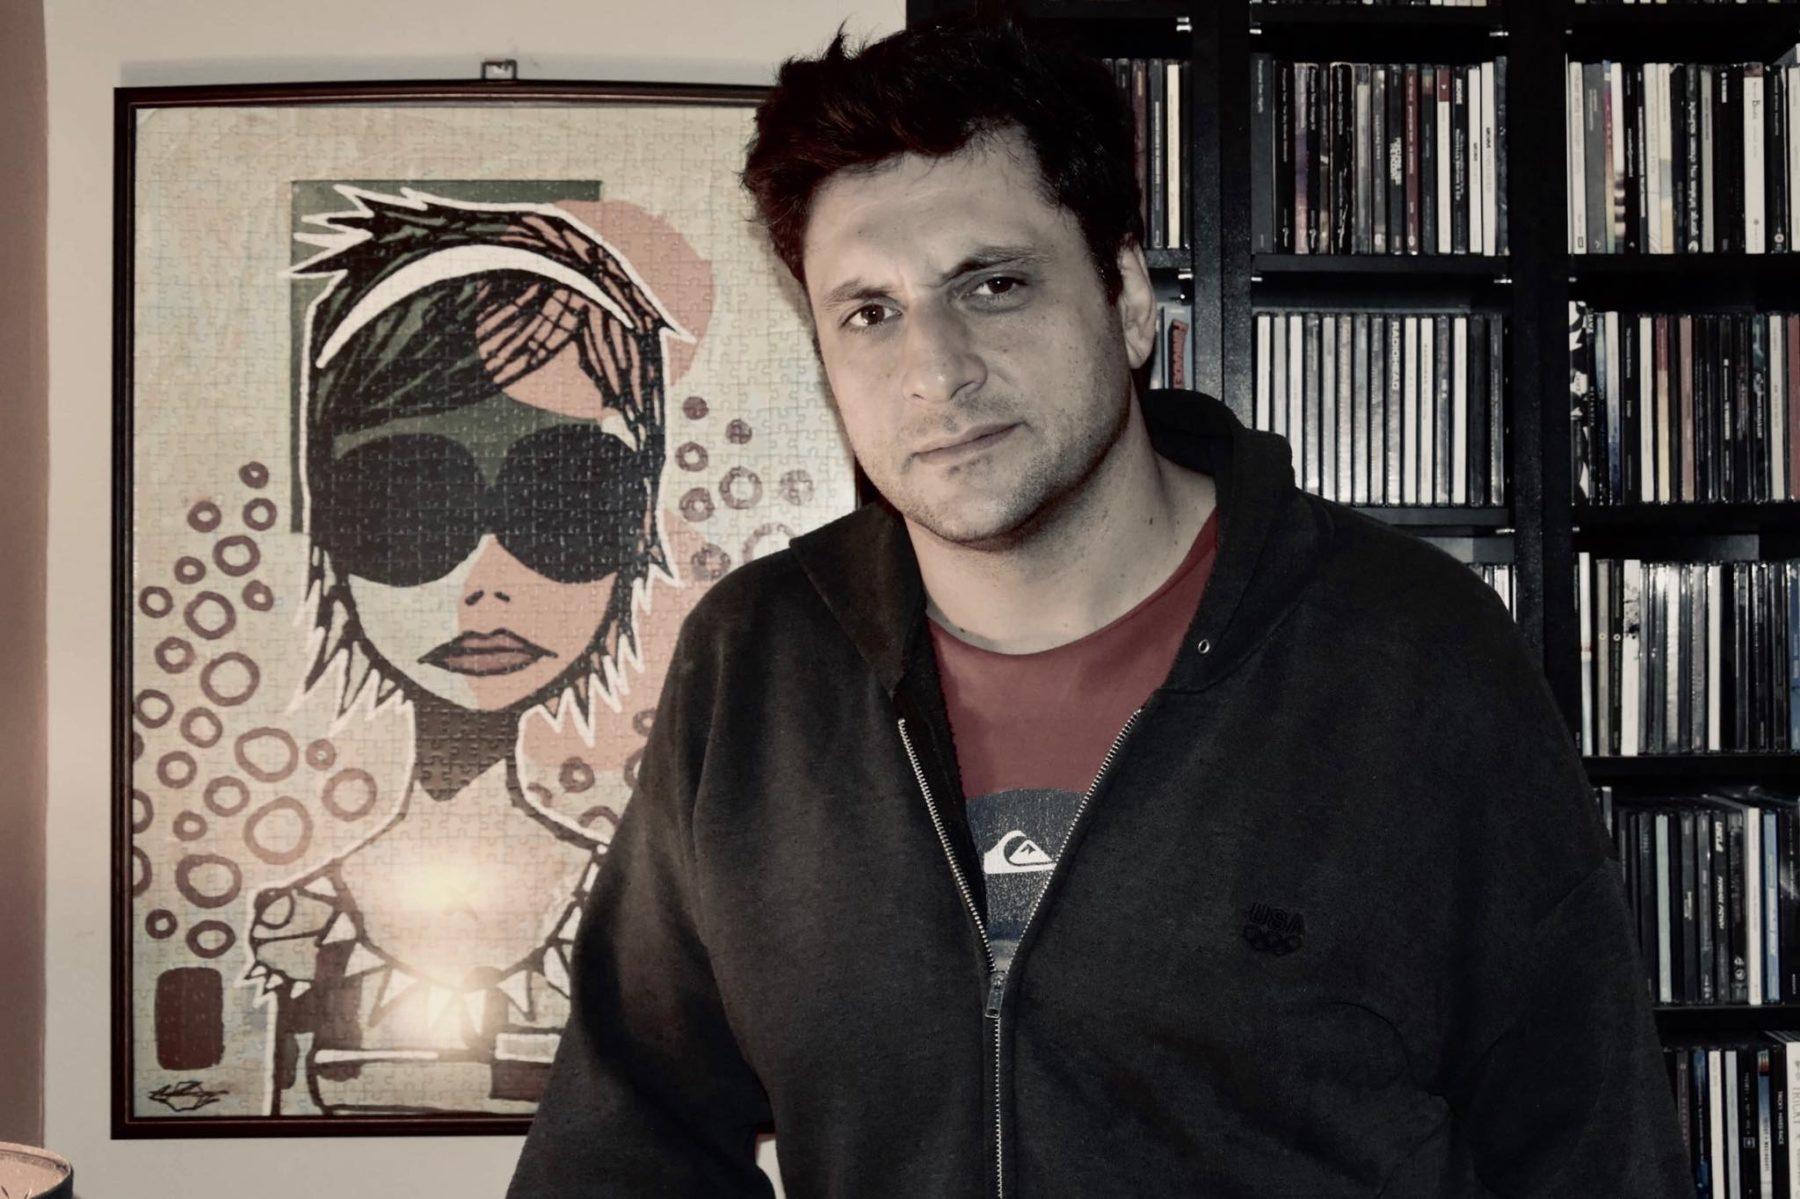 Γιώργος Χρυσοστόμου: «Μεγάλο σχολείο είναι η νύχτα, αλλά και μεγάλη ψυχική καταστροφή»